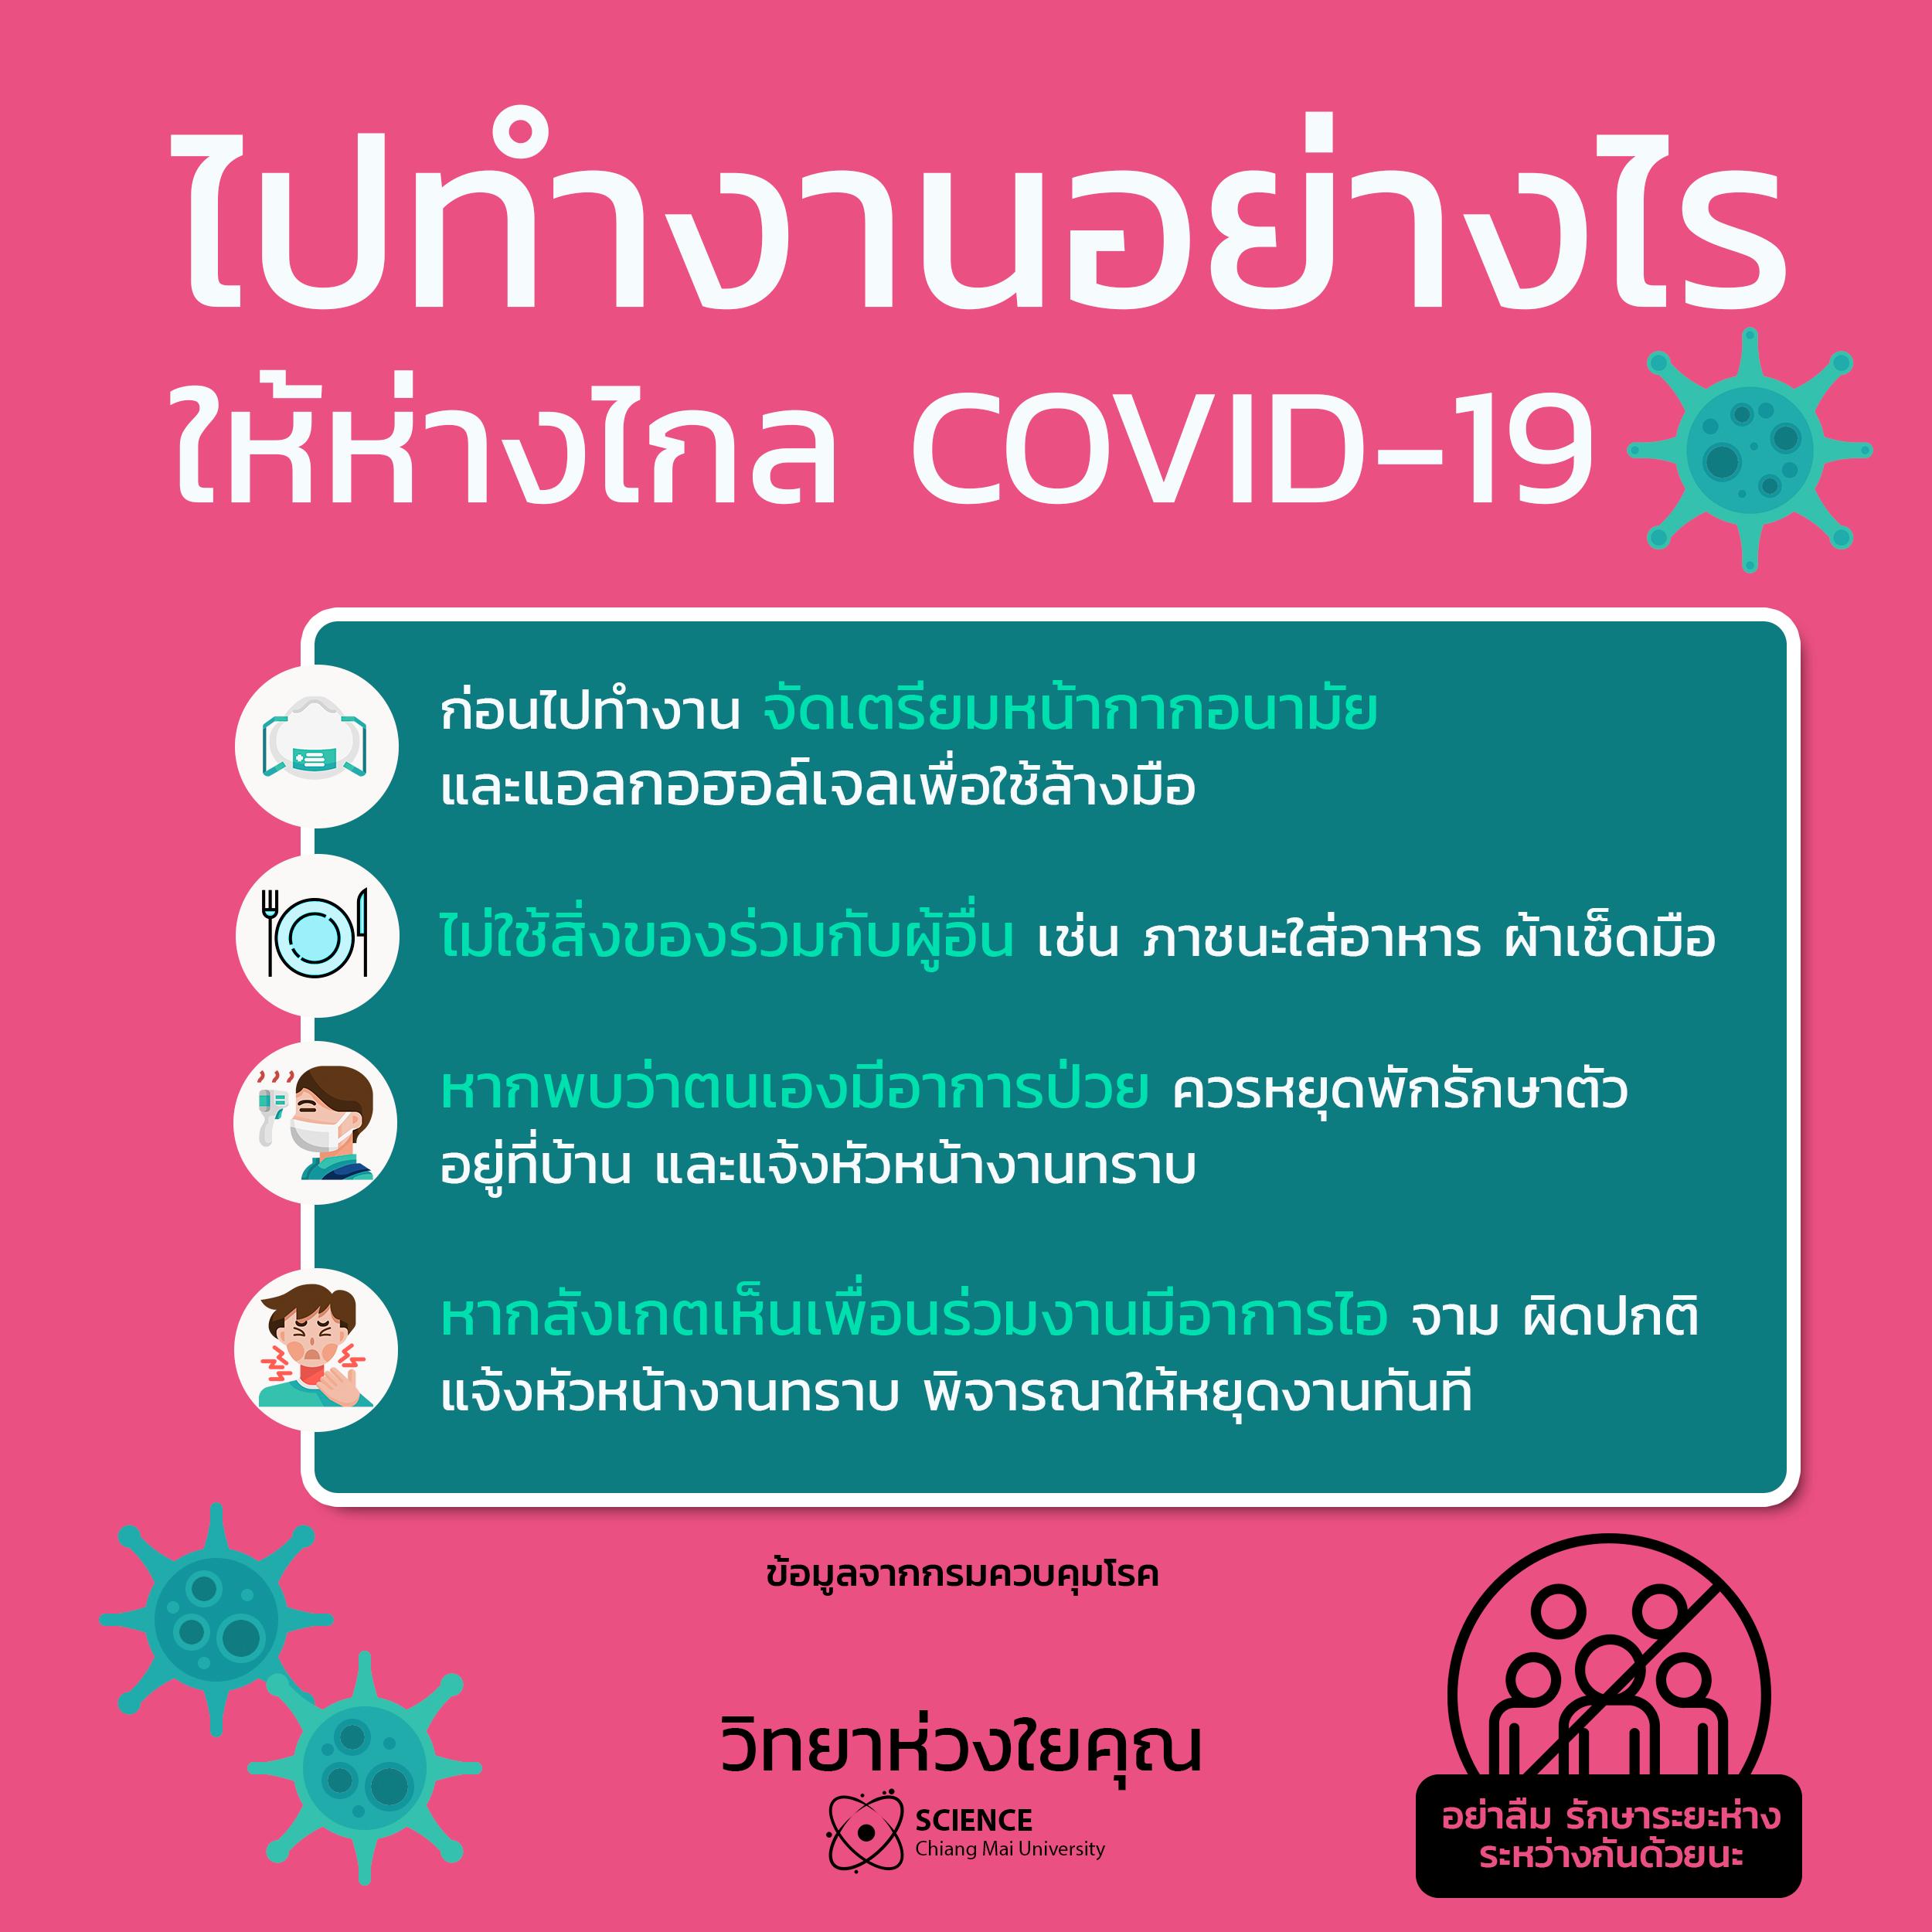 ไปทำงานอย่างไรให้ห่างไกล COVID-19